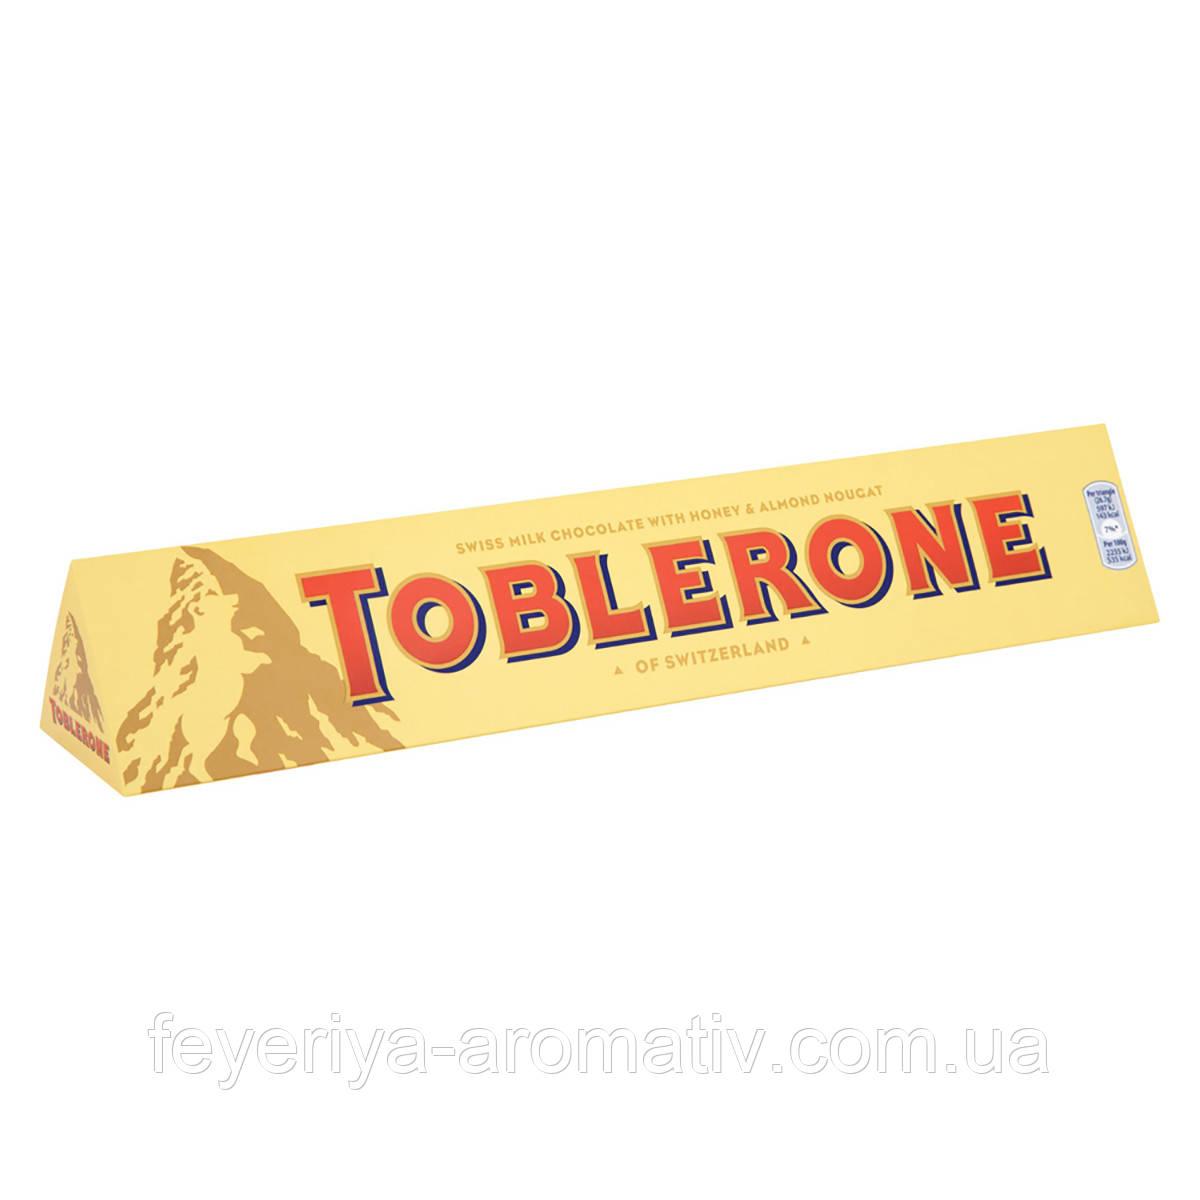 Молочный шоколад Toblerone 100g (Швейцария)